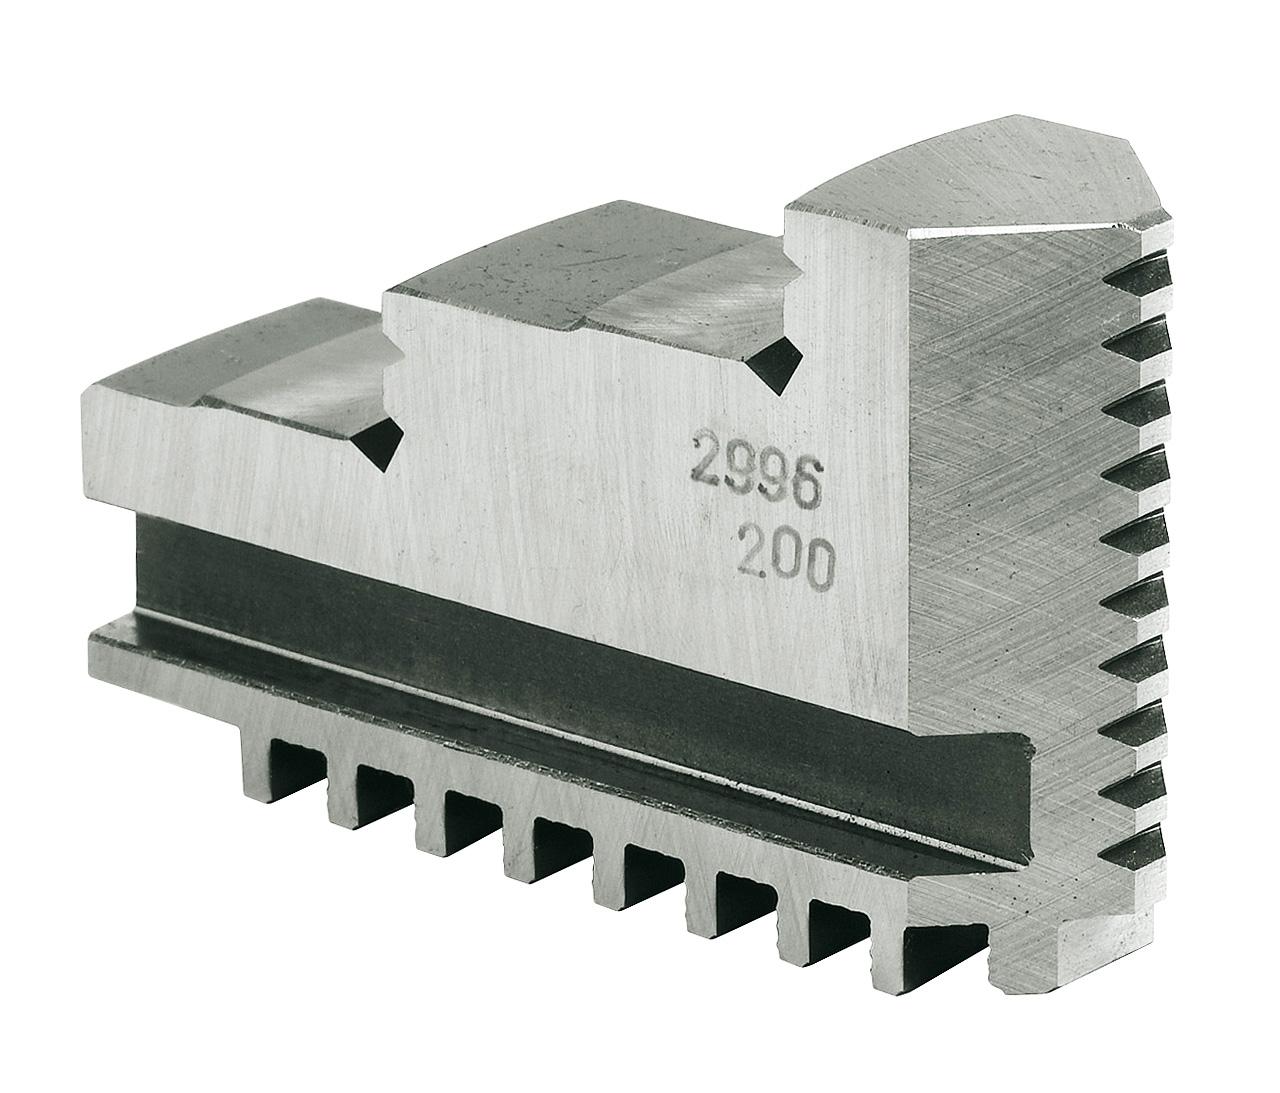 Szczęki jednolite twarde zewnętrzne - komplet OJ-PS4-500 BERNARDO